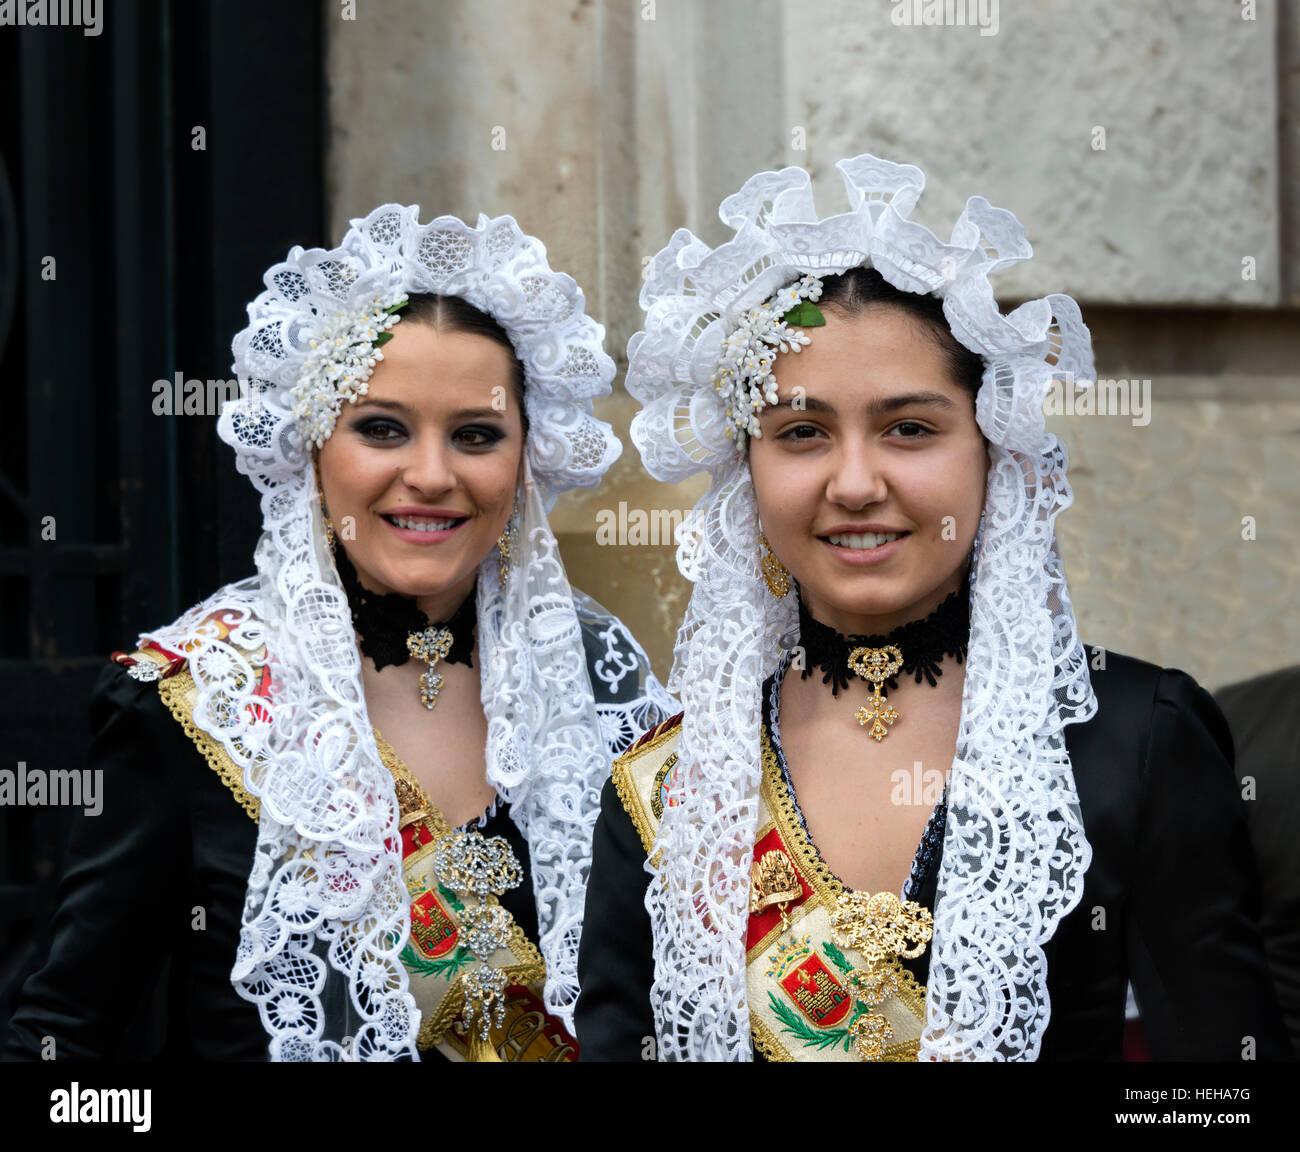 Ragazze in Spagna in costume tradizionale compresi i pizzi mantilla velo o scialle durante Las Fallas o Falles festival Immagini Stock